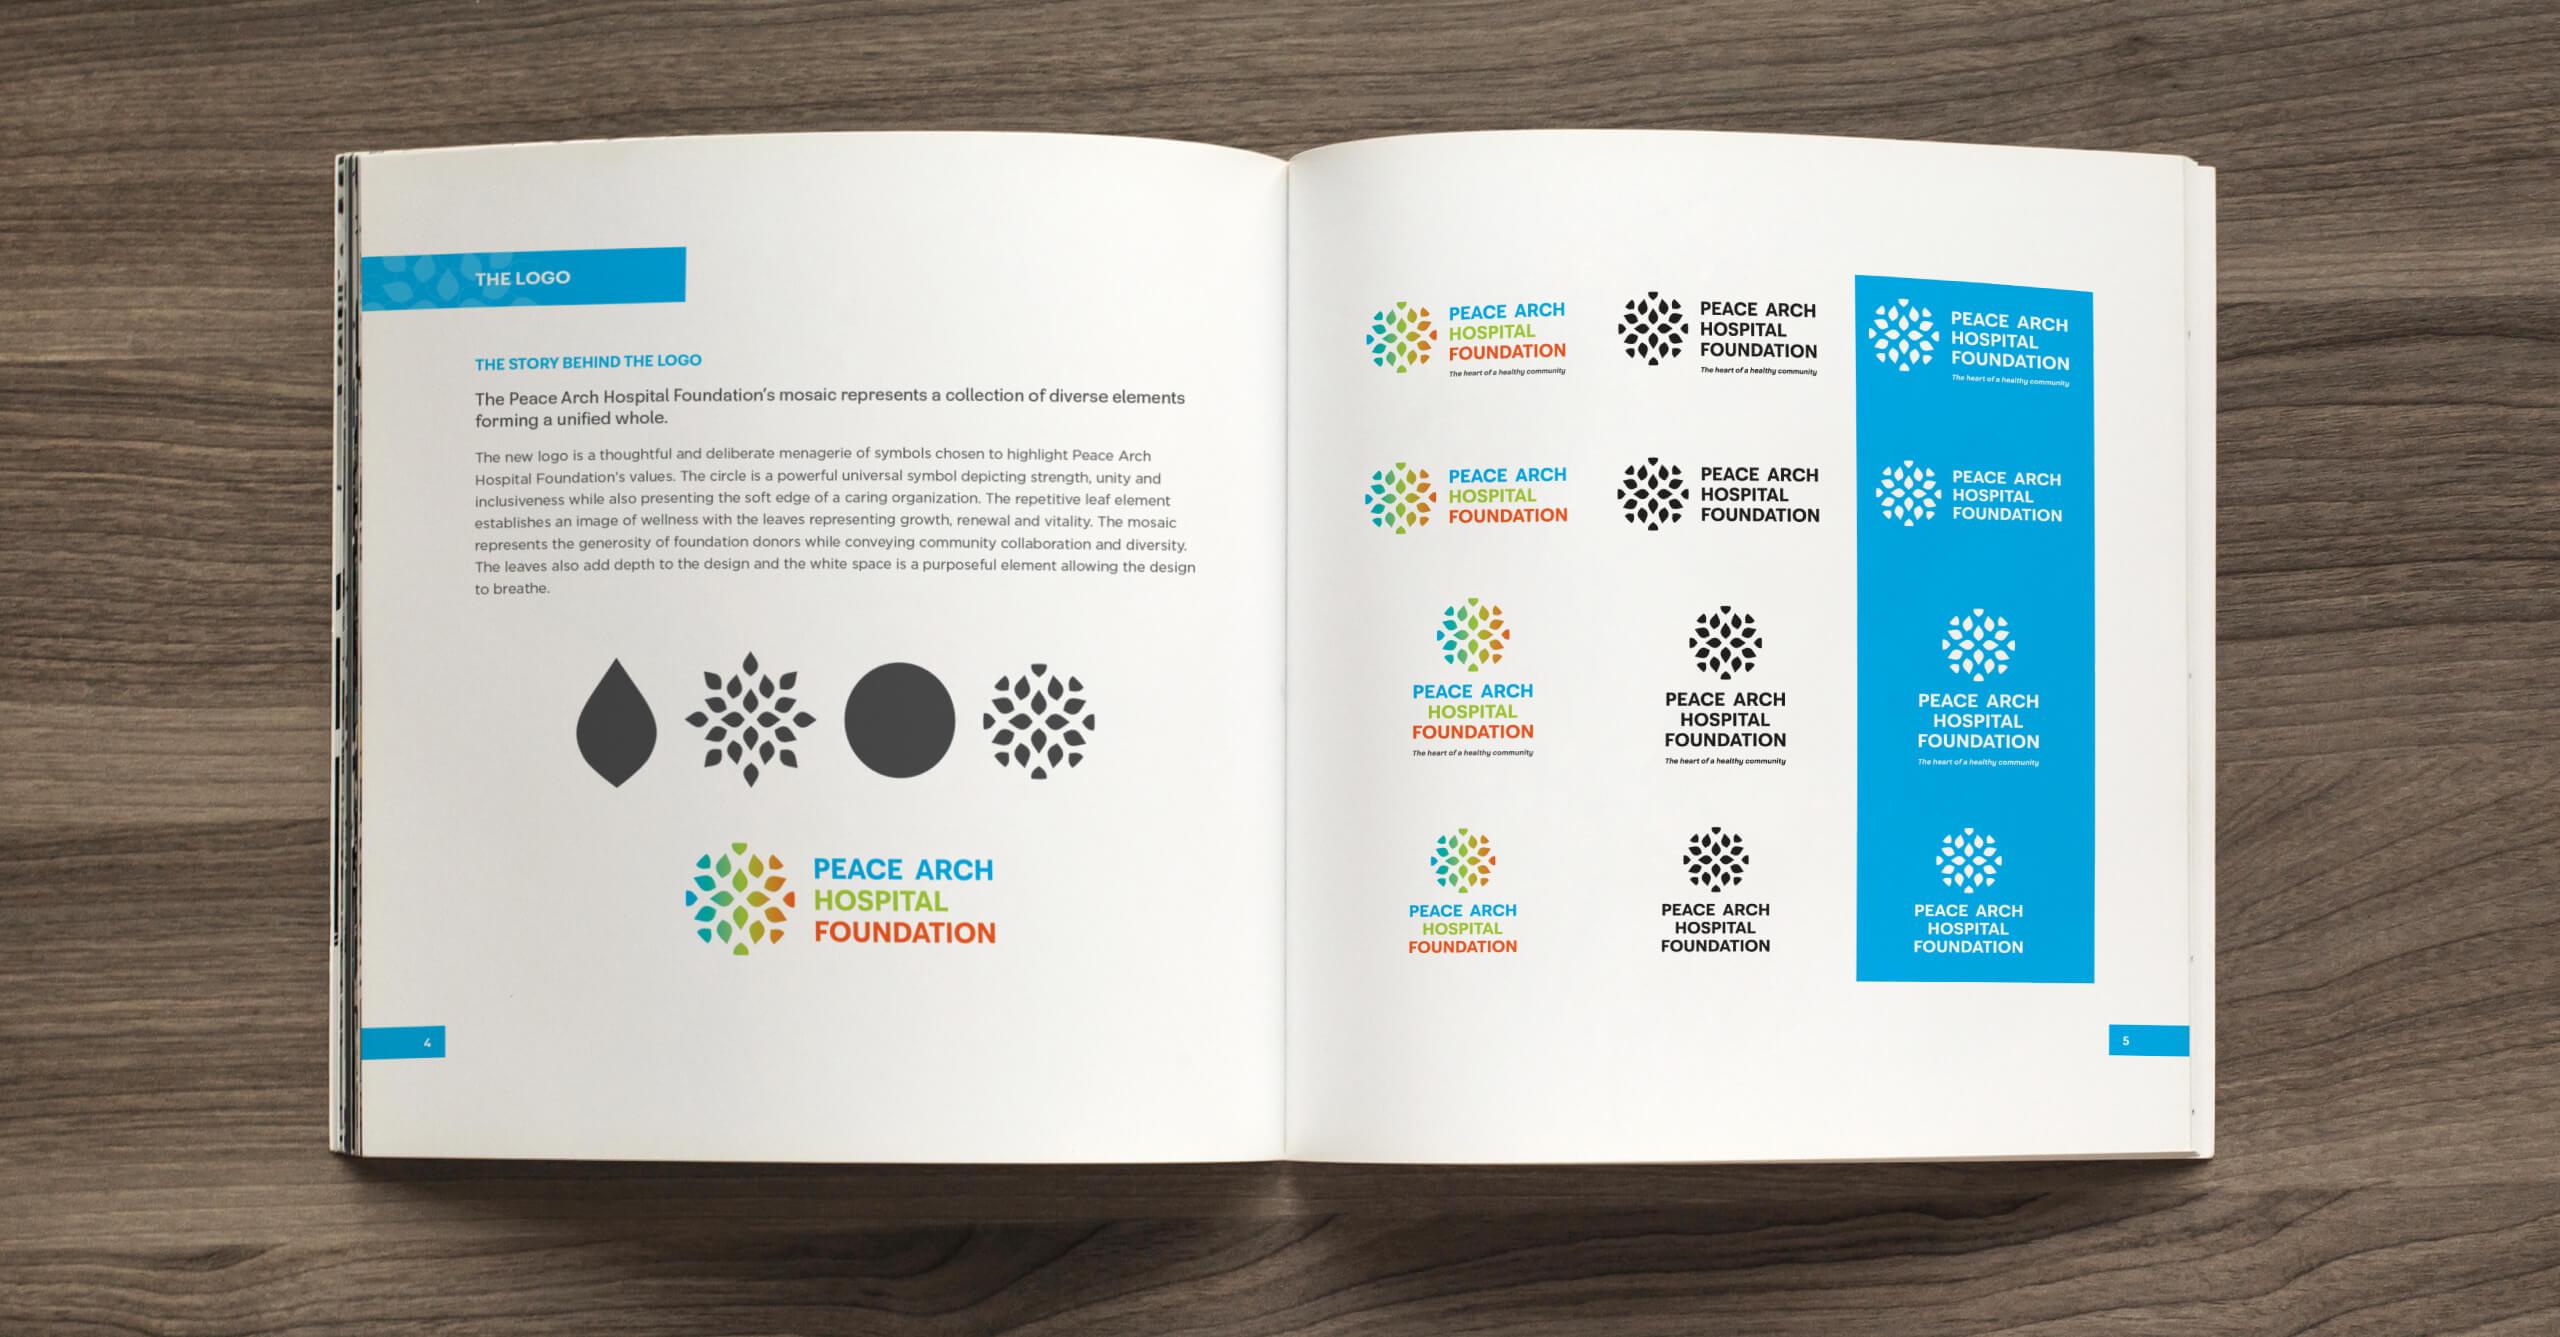 pah-rebrand-brand-guide-2